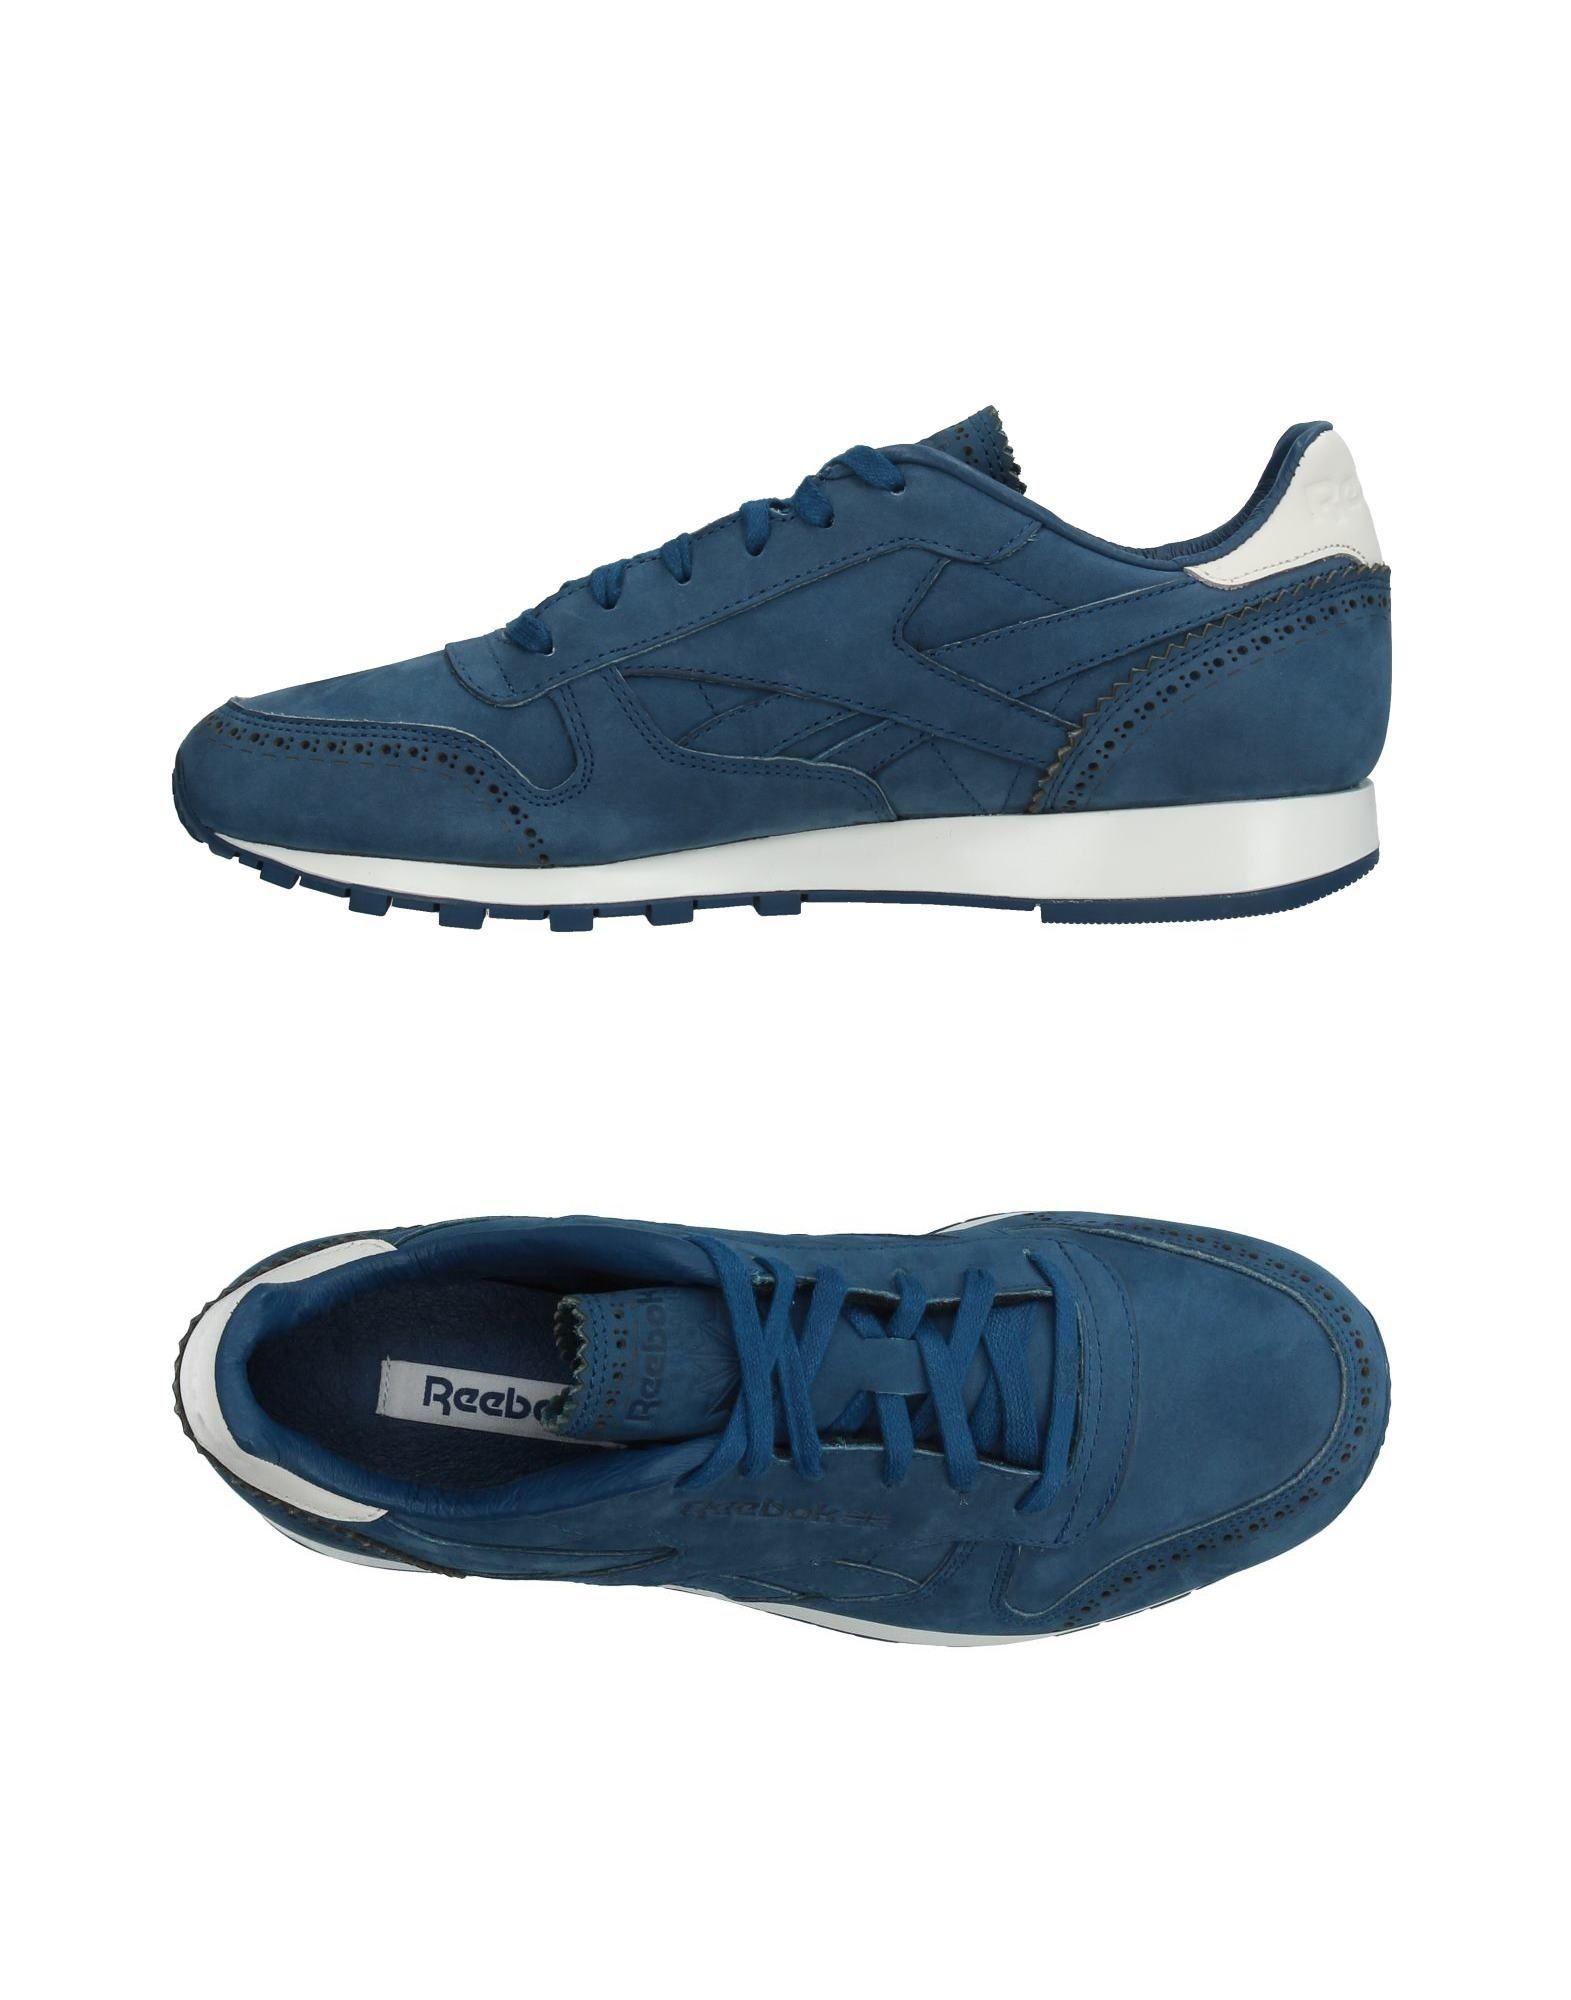 Moda Sneakers Reebok Uomo - 11266790CV